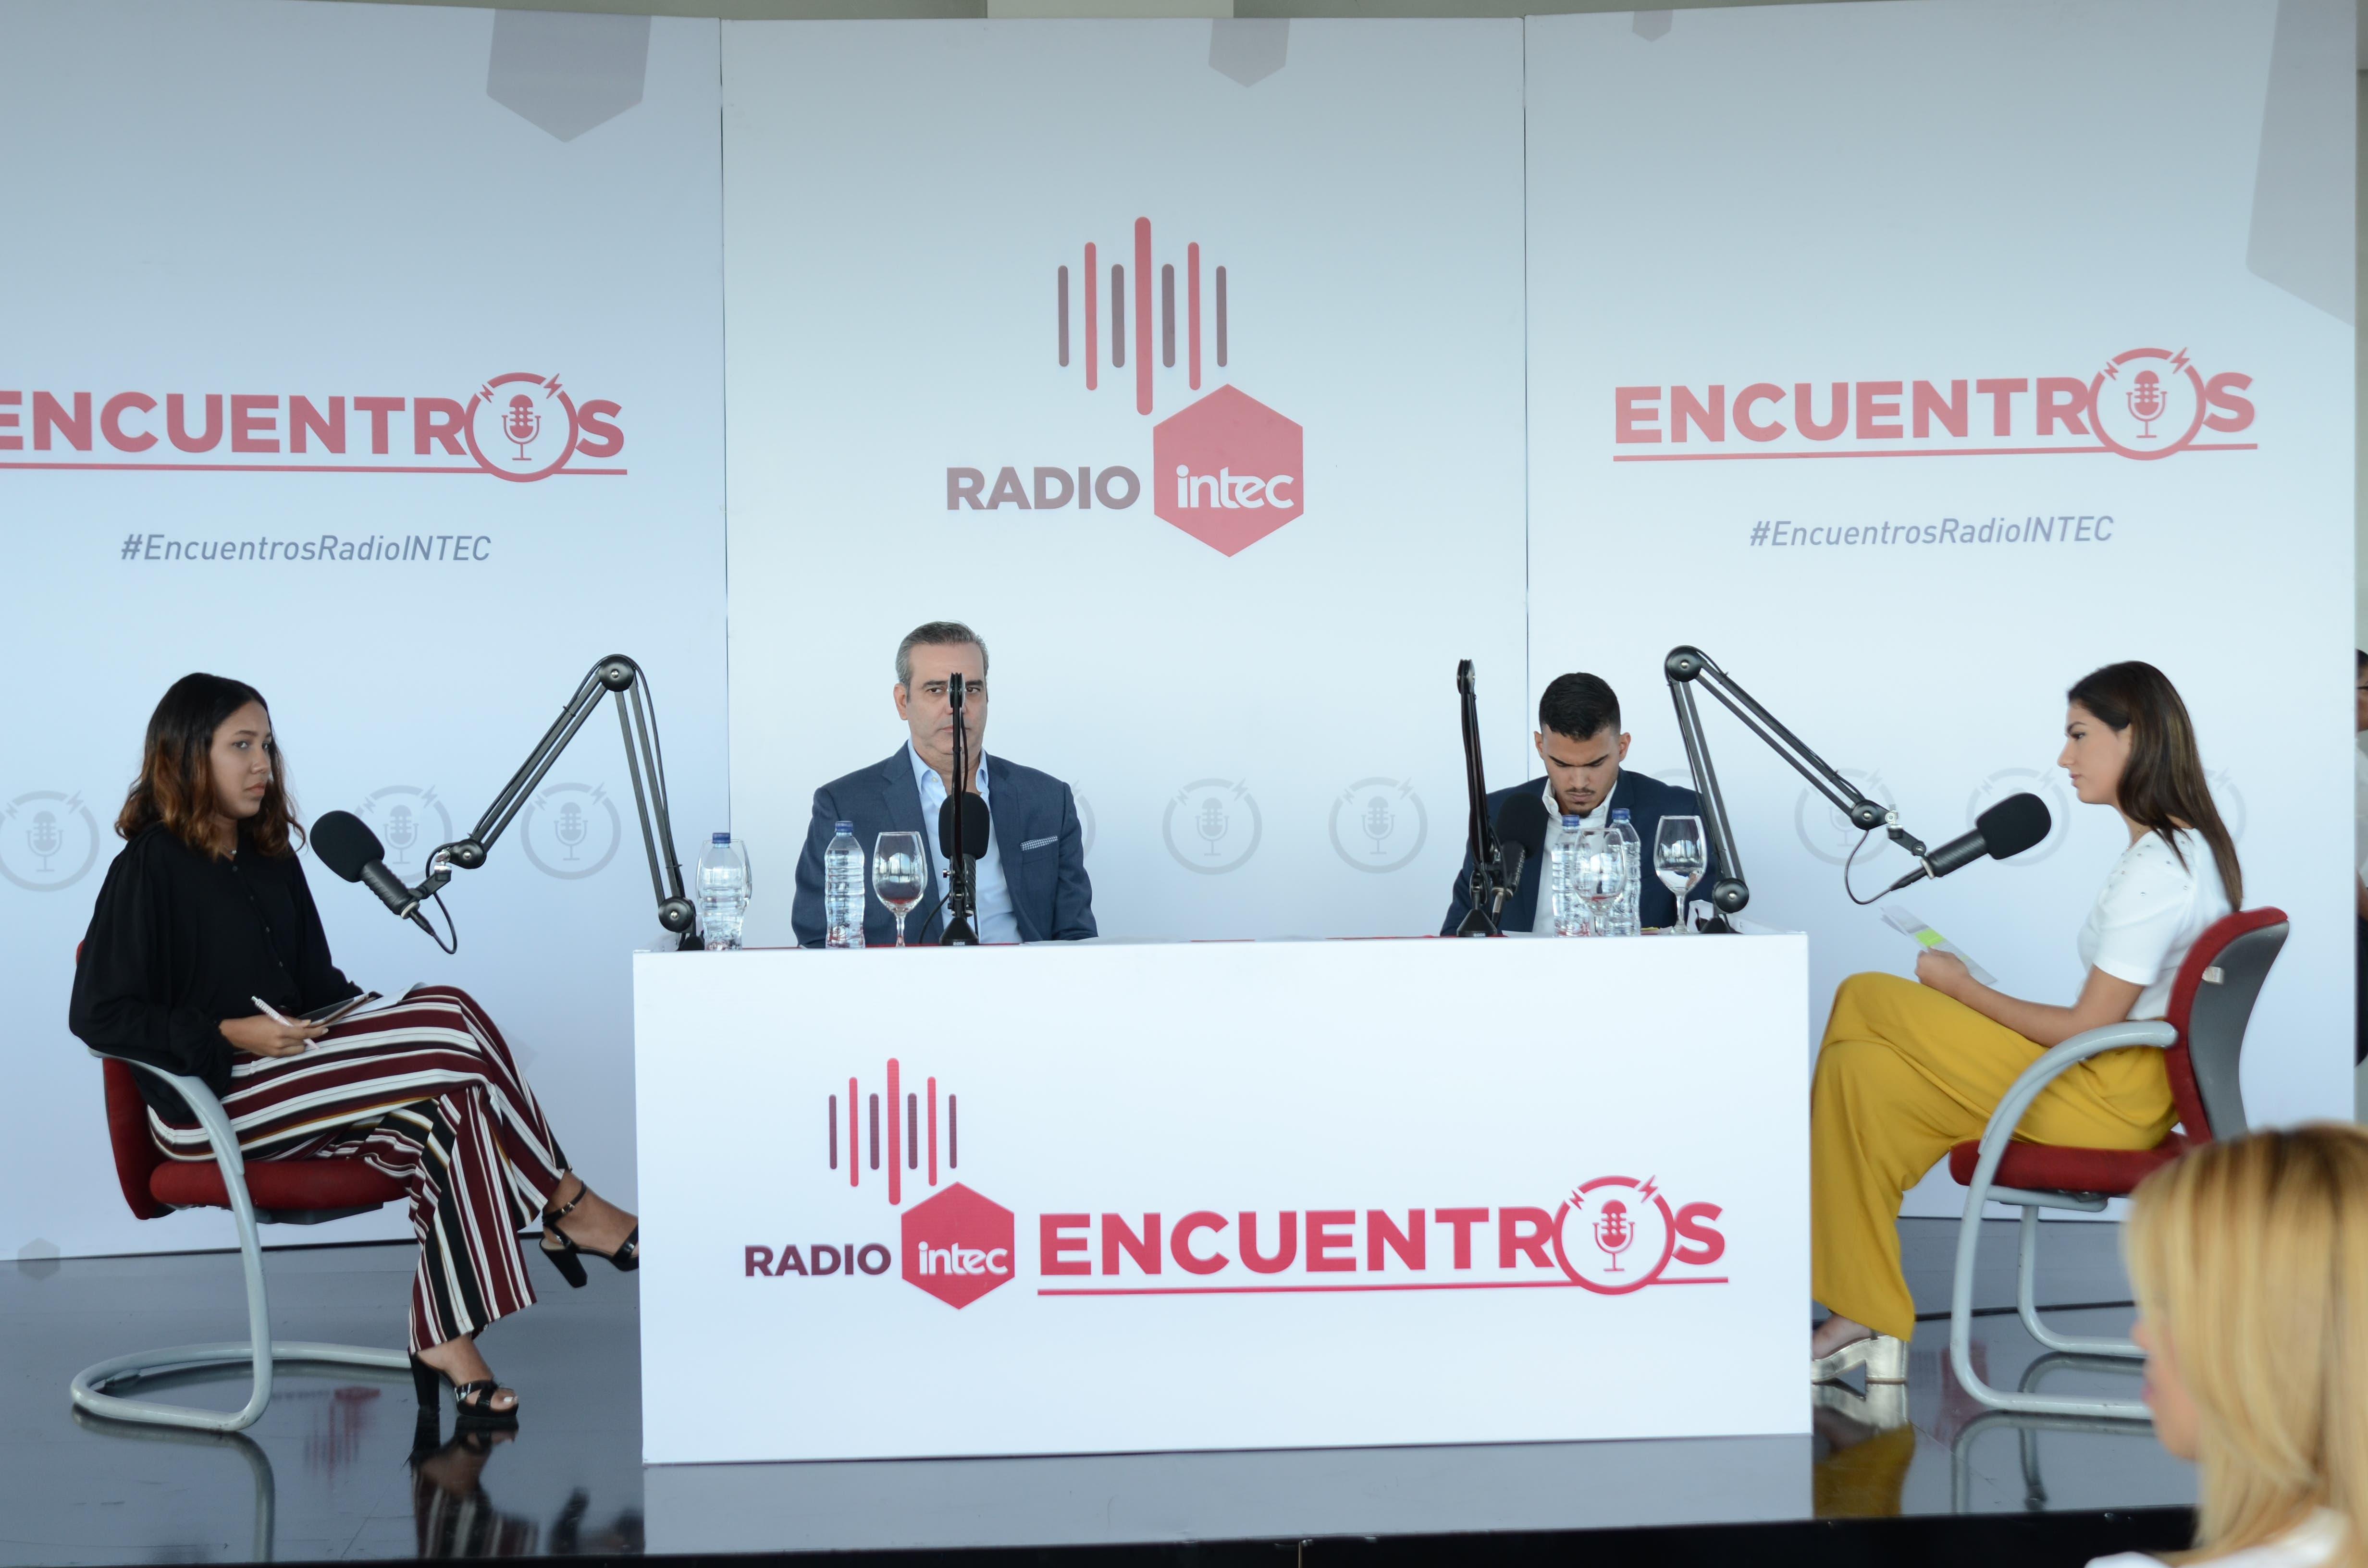 """La entrevista realizada a Luis Abinader, tercera de la primera temporada de """"Encuentros en Radio INTEC"""", será transmitida el viernes 7 de diciembre, a las 11:00 A.M., en el programa """"La Cosa como es"""", que produce la periodista Edith Febles, por Teleradioamérica, canales 12 y 45."""